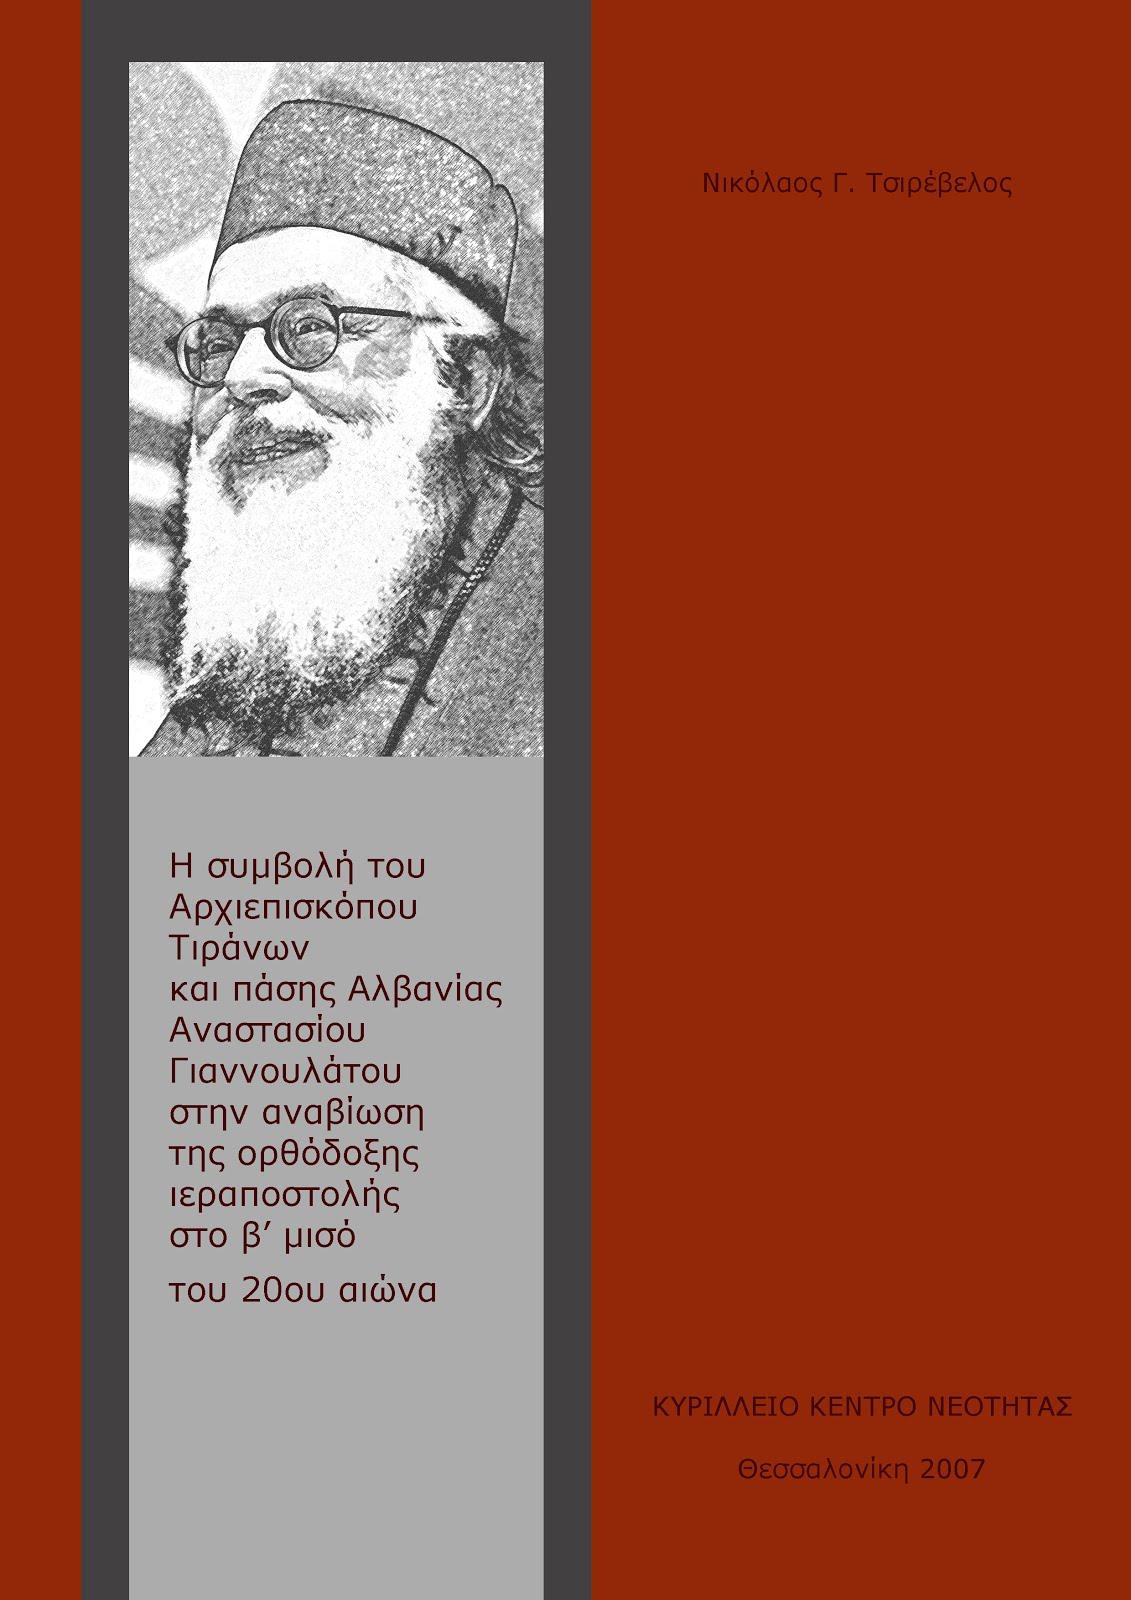 Η συμβολη του Αρχιεπισκοπου Αλβανιας κ.κ. Αναστασιου στην αναβιωση της Ορθοδοξης μαρτυριας